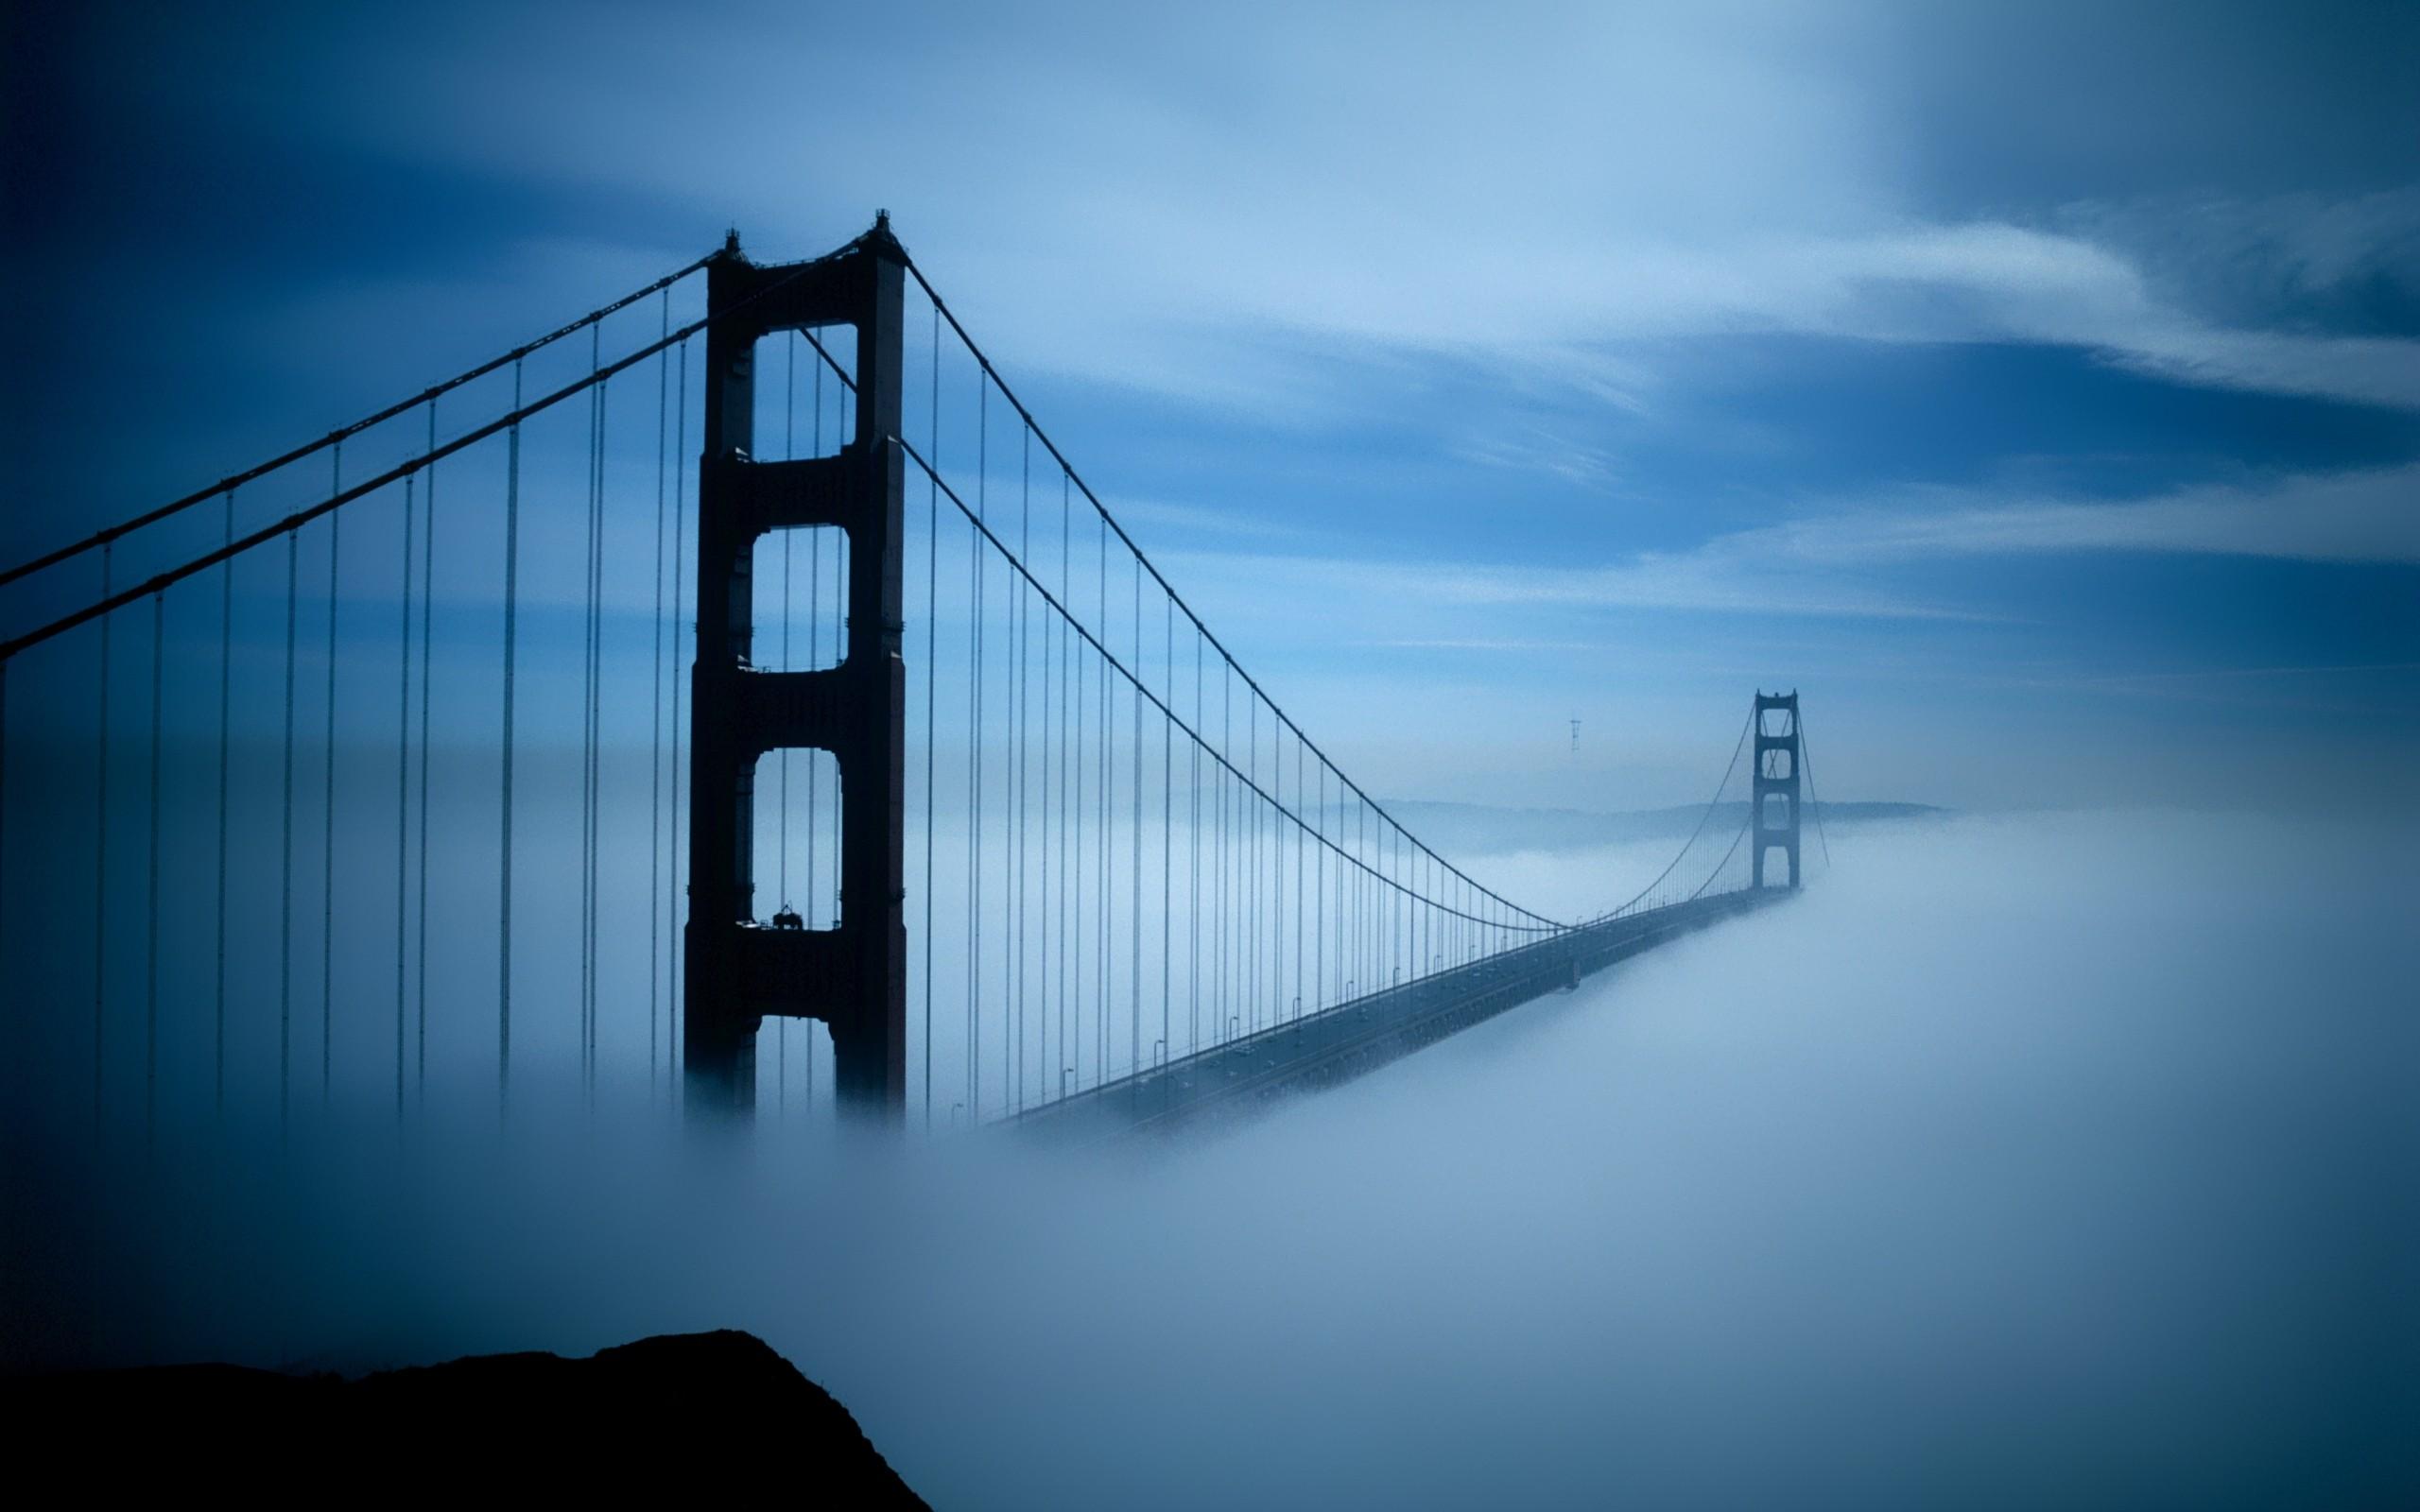 Puente sobre las nubes - 2560x1600